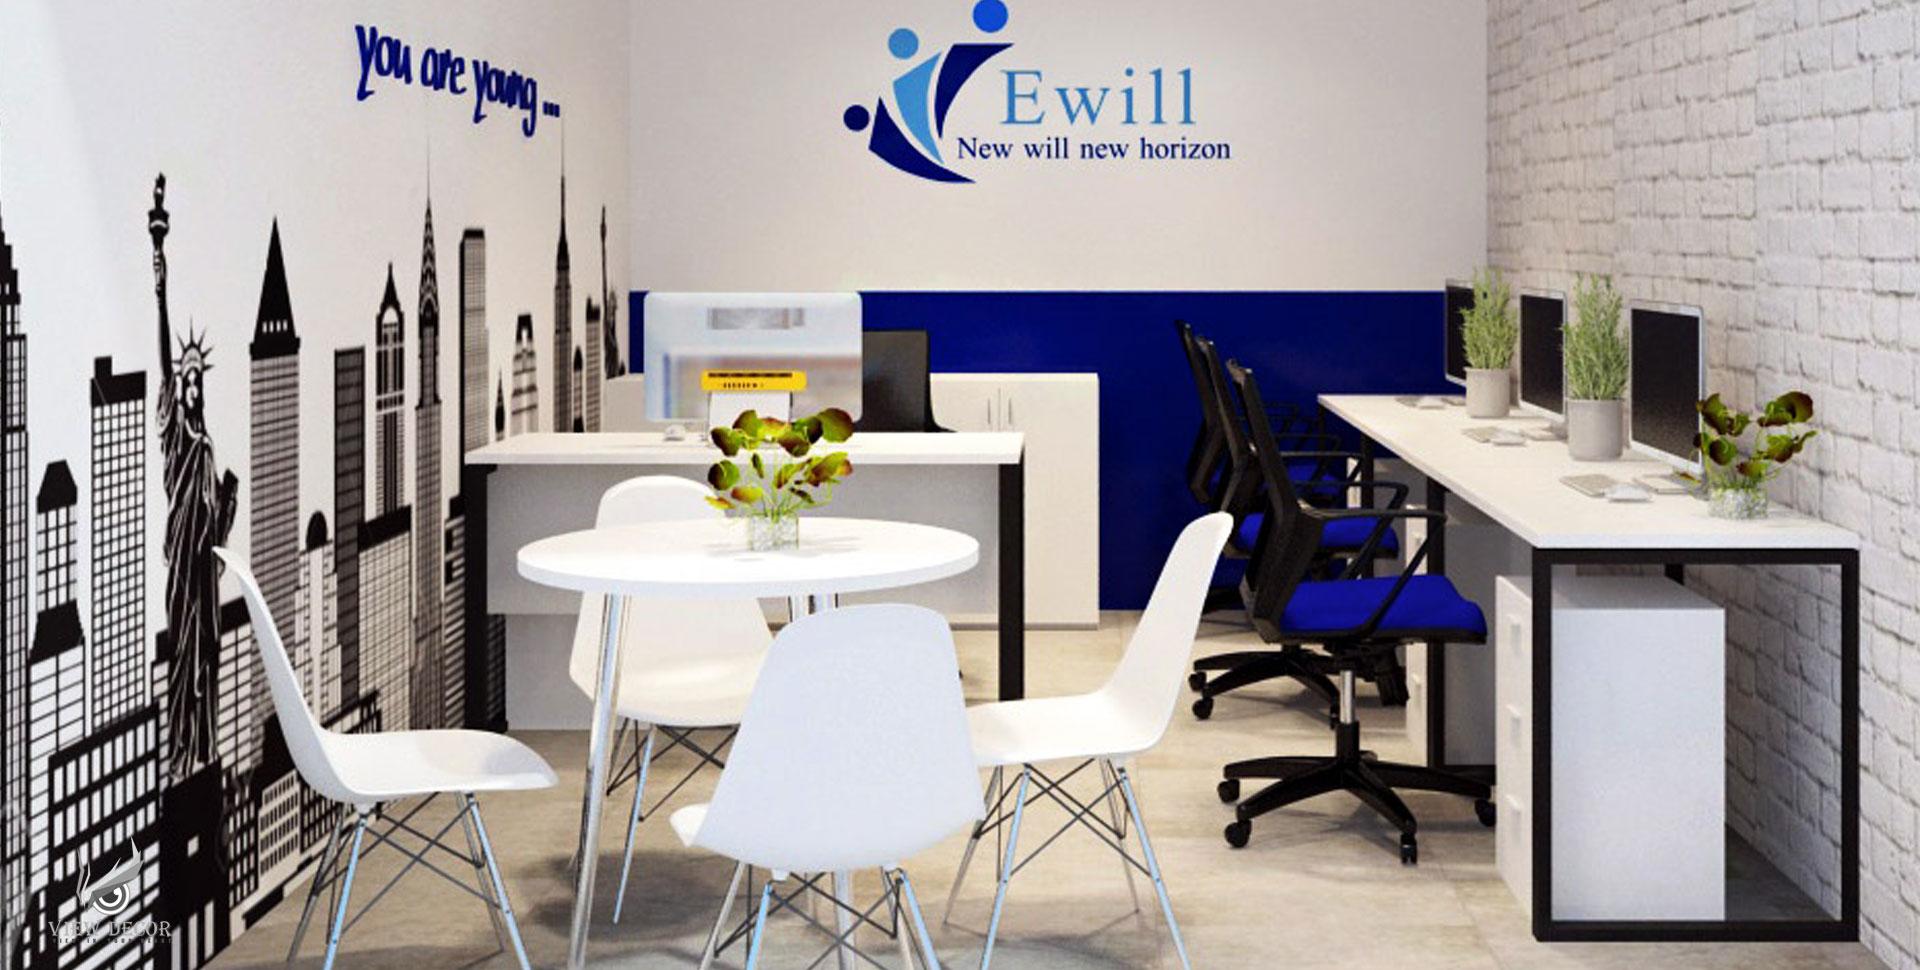 Thi Công Văn Phòng công ty EWILL